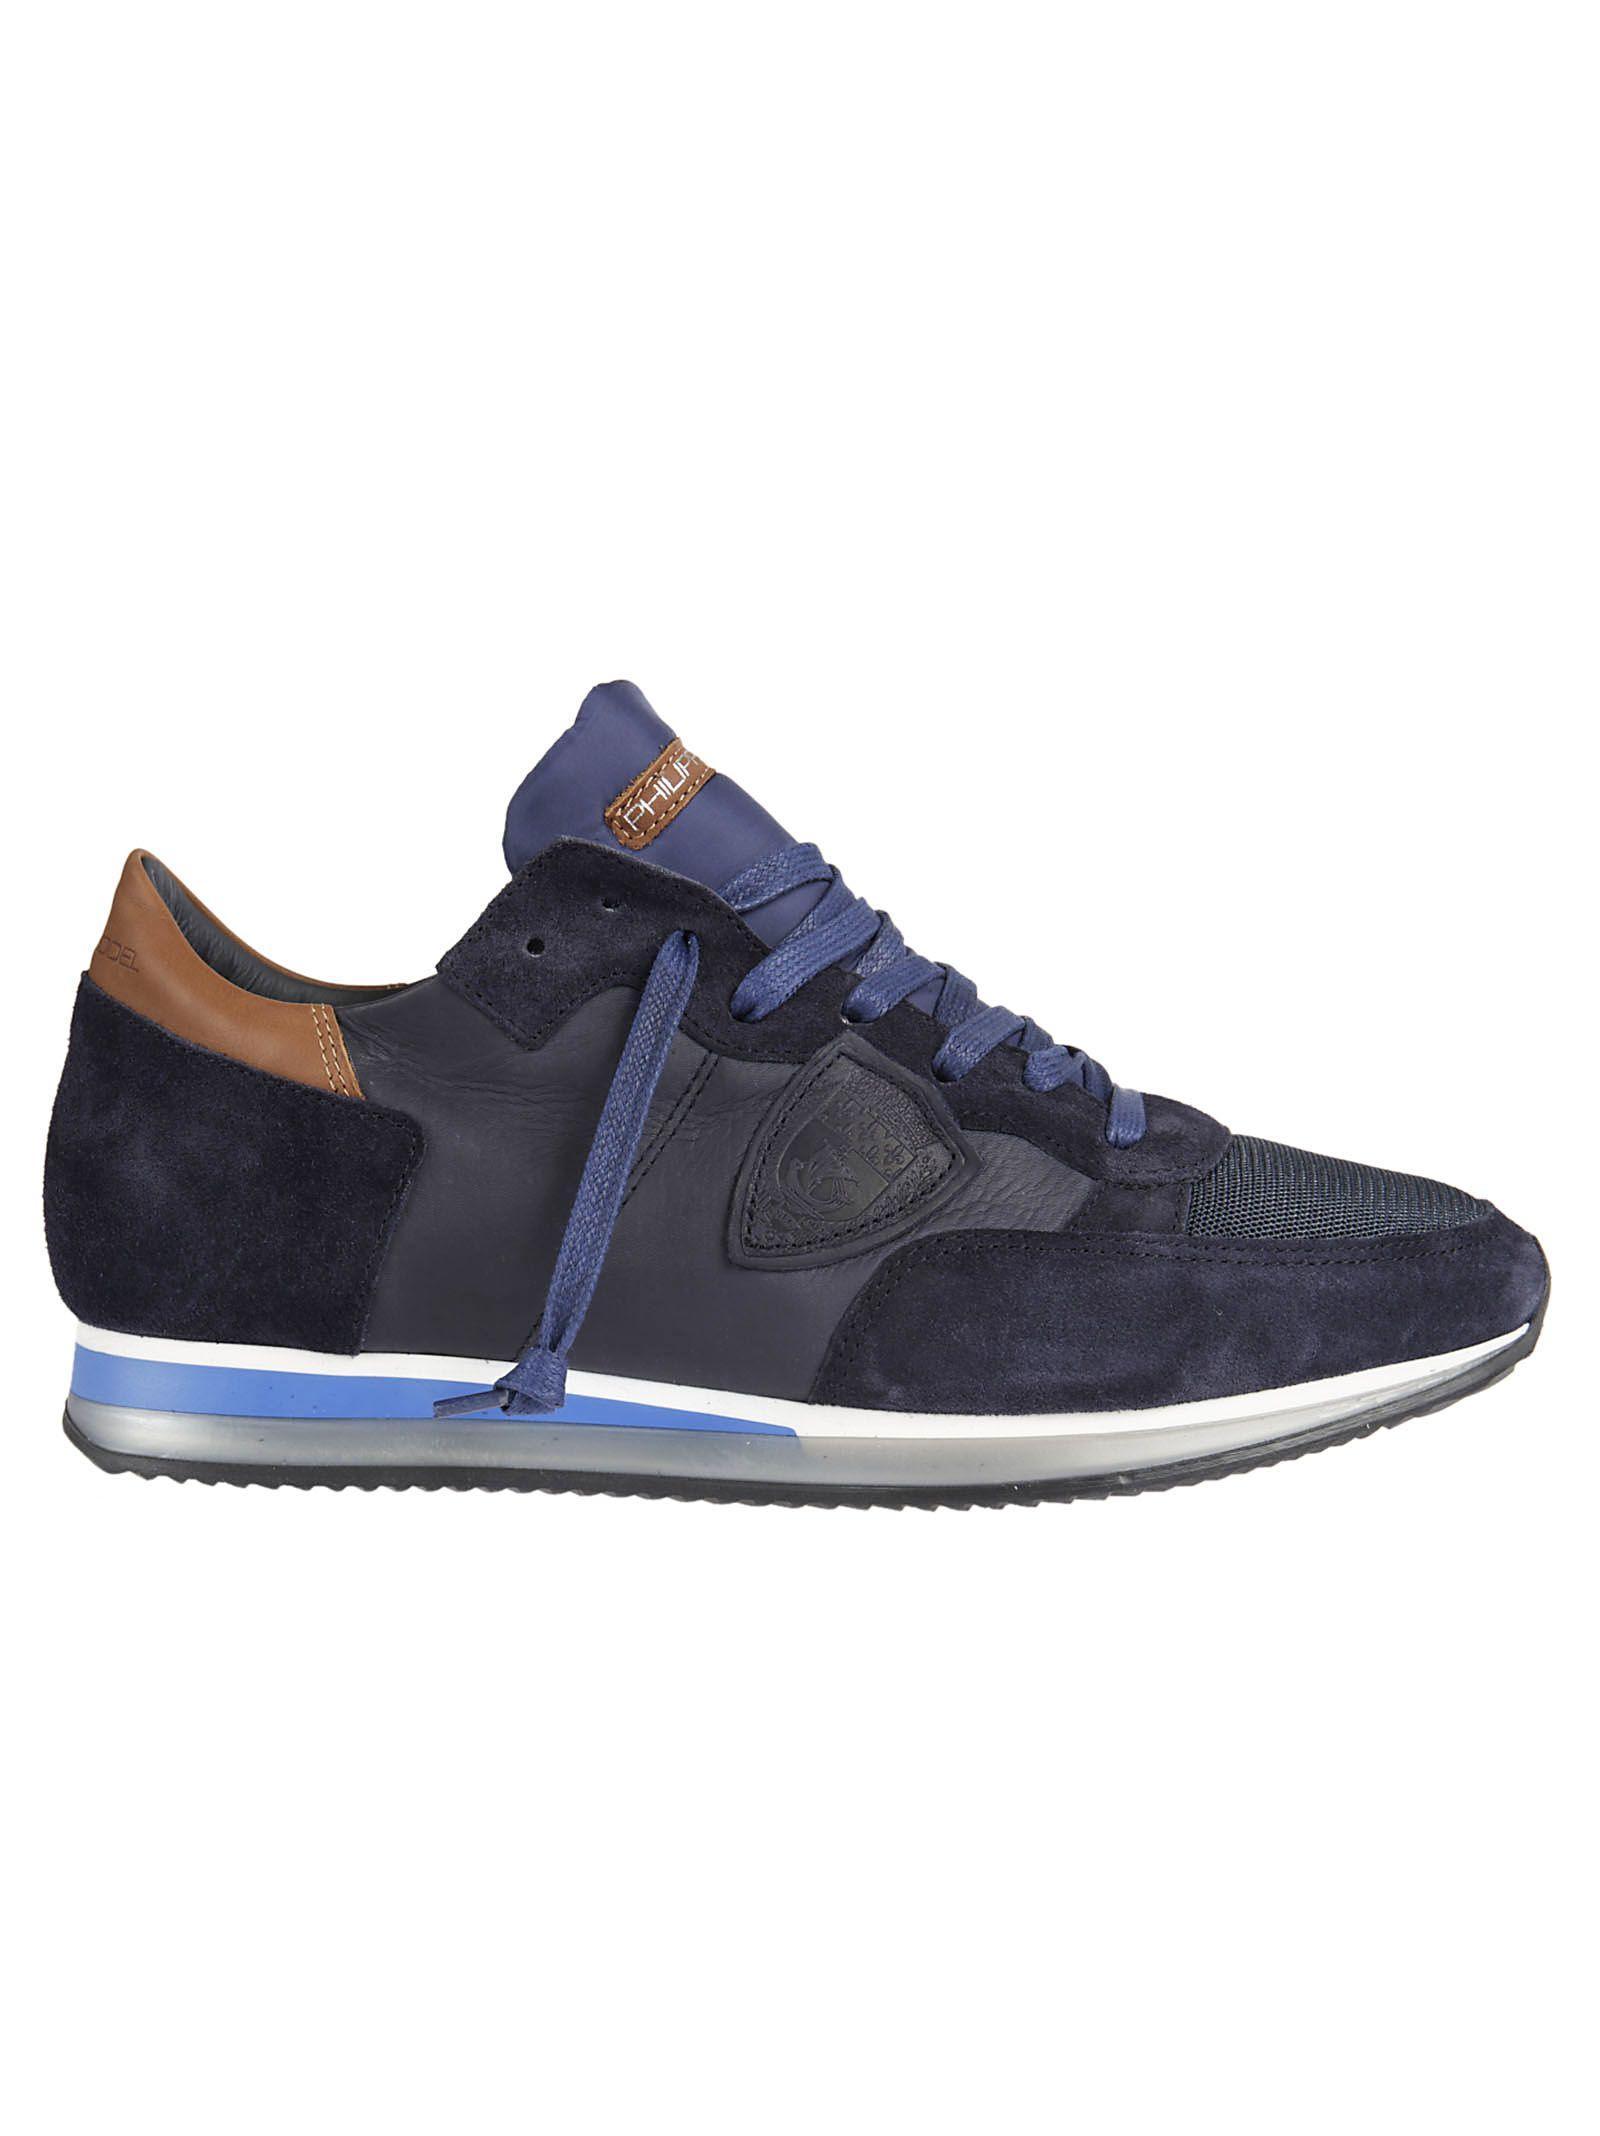 Philippe Model Tropez Sneakers In Blue